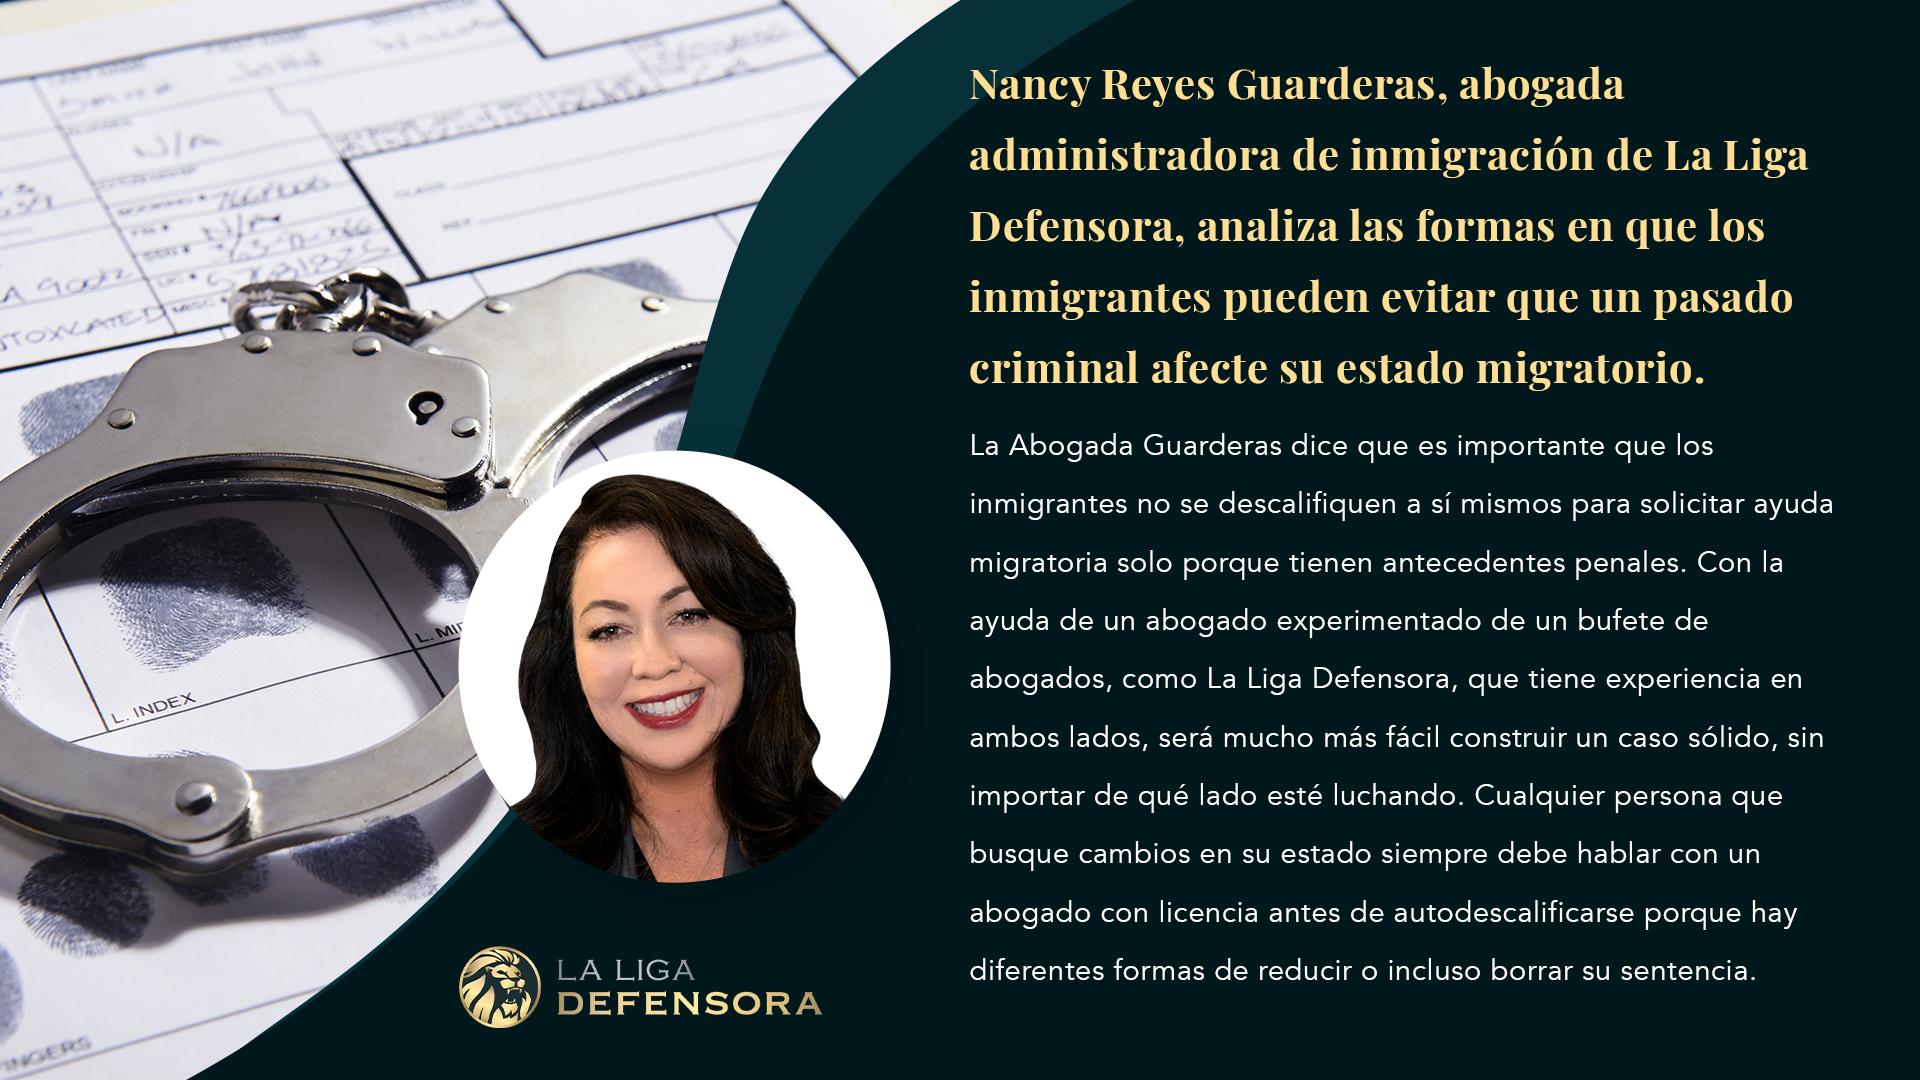 Firma Matian | Nancy Reyes Guarderas, abogada administradora de inmigración de La Liga Defensora, analiza las formas en que los inmigrantes pueden evitar que un pasado criminal afecte su estado migra